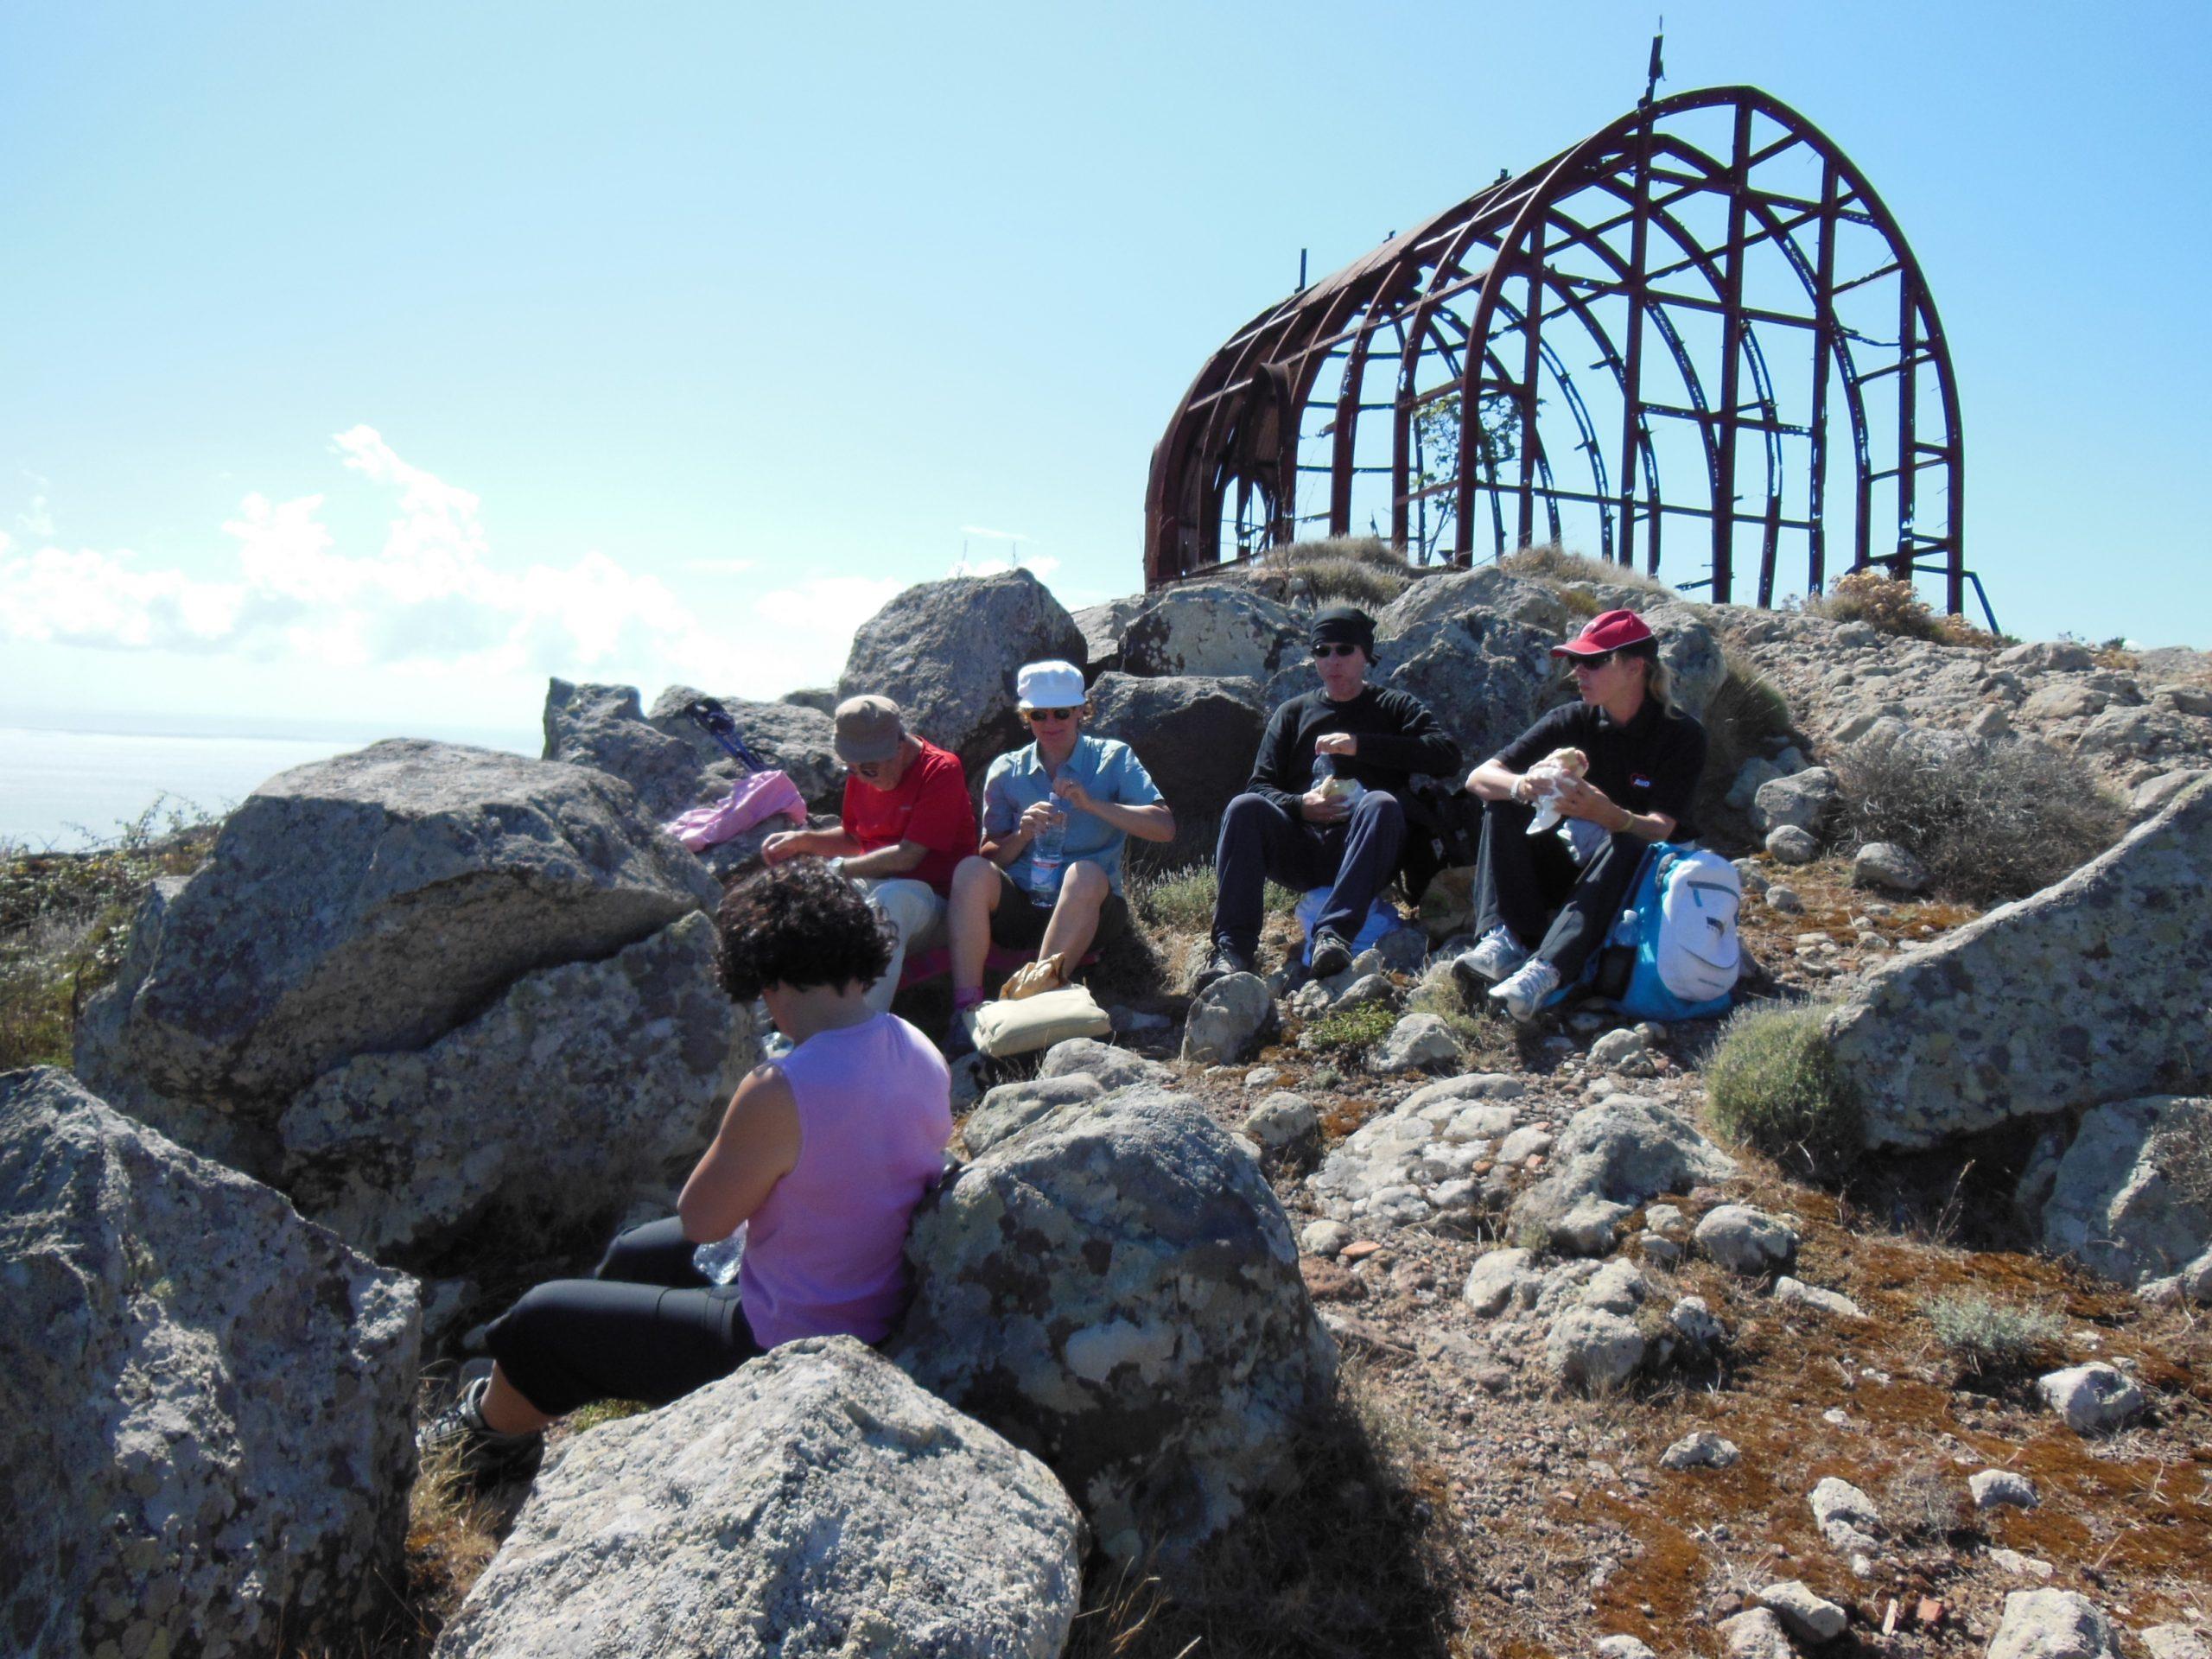 https://www.trekkilandia.it/wp-content/uploads/2020/06/Trekking-Capraia-2013-037-scaled.jpg